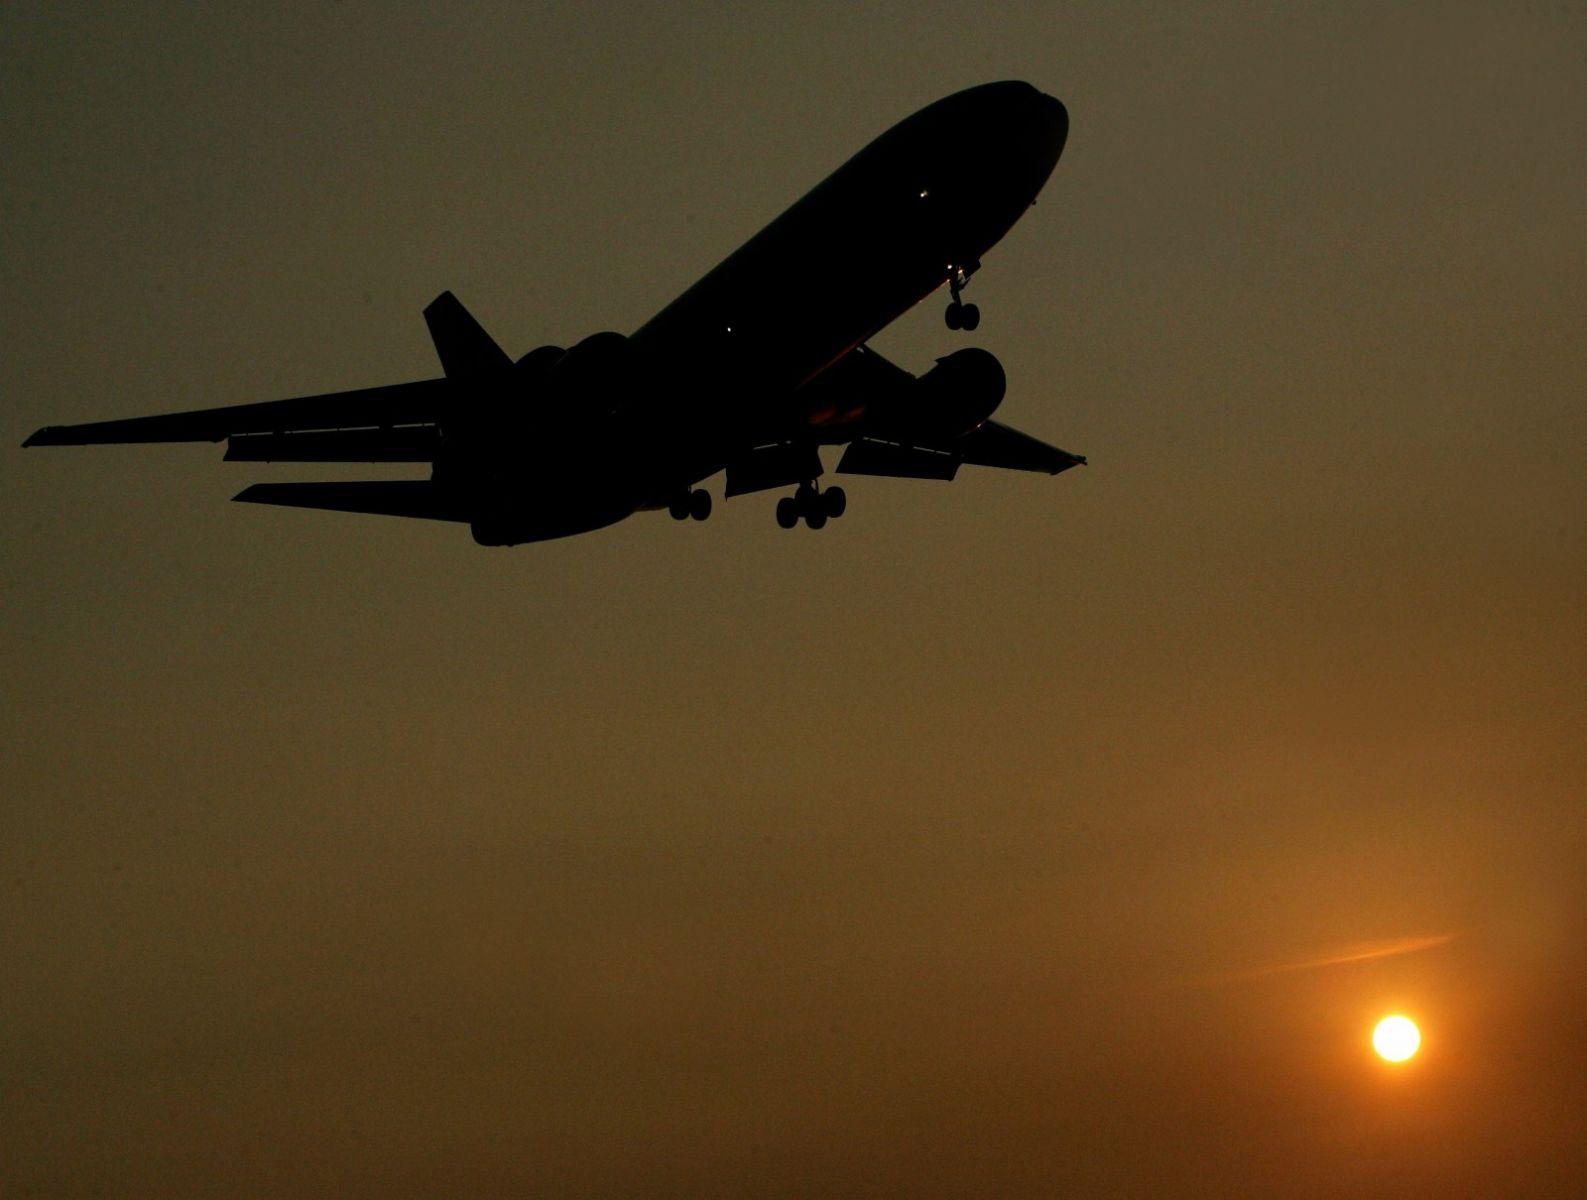 artrita care zboară cu un avion